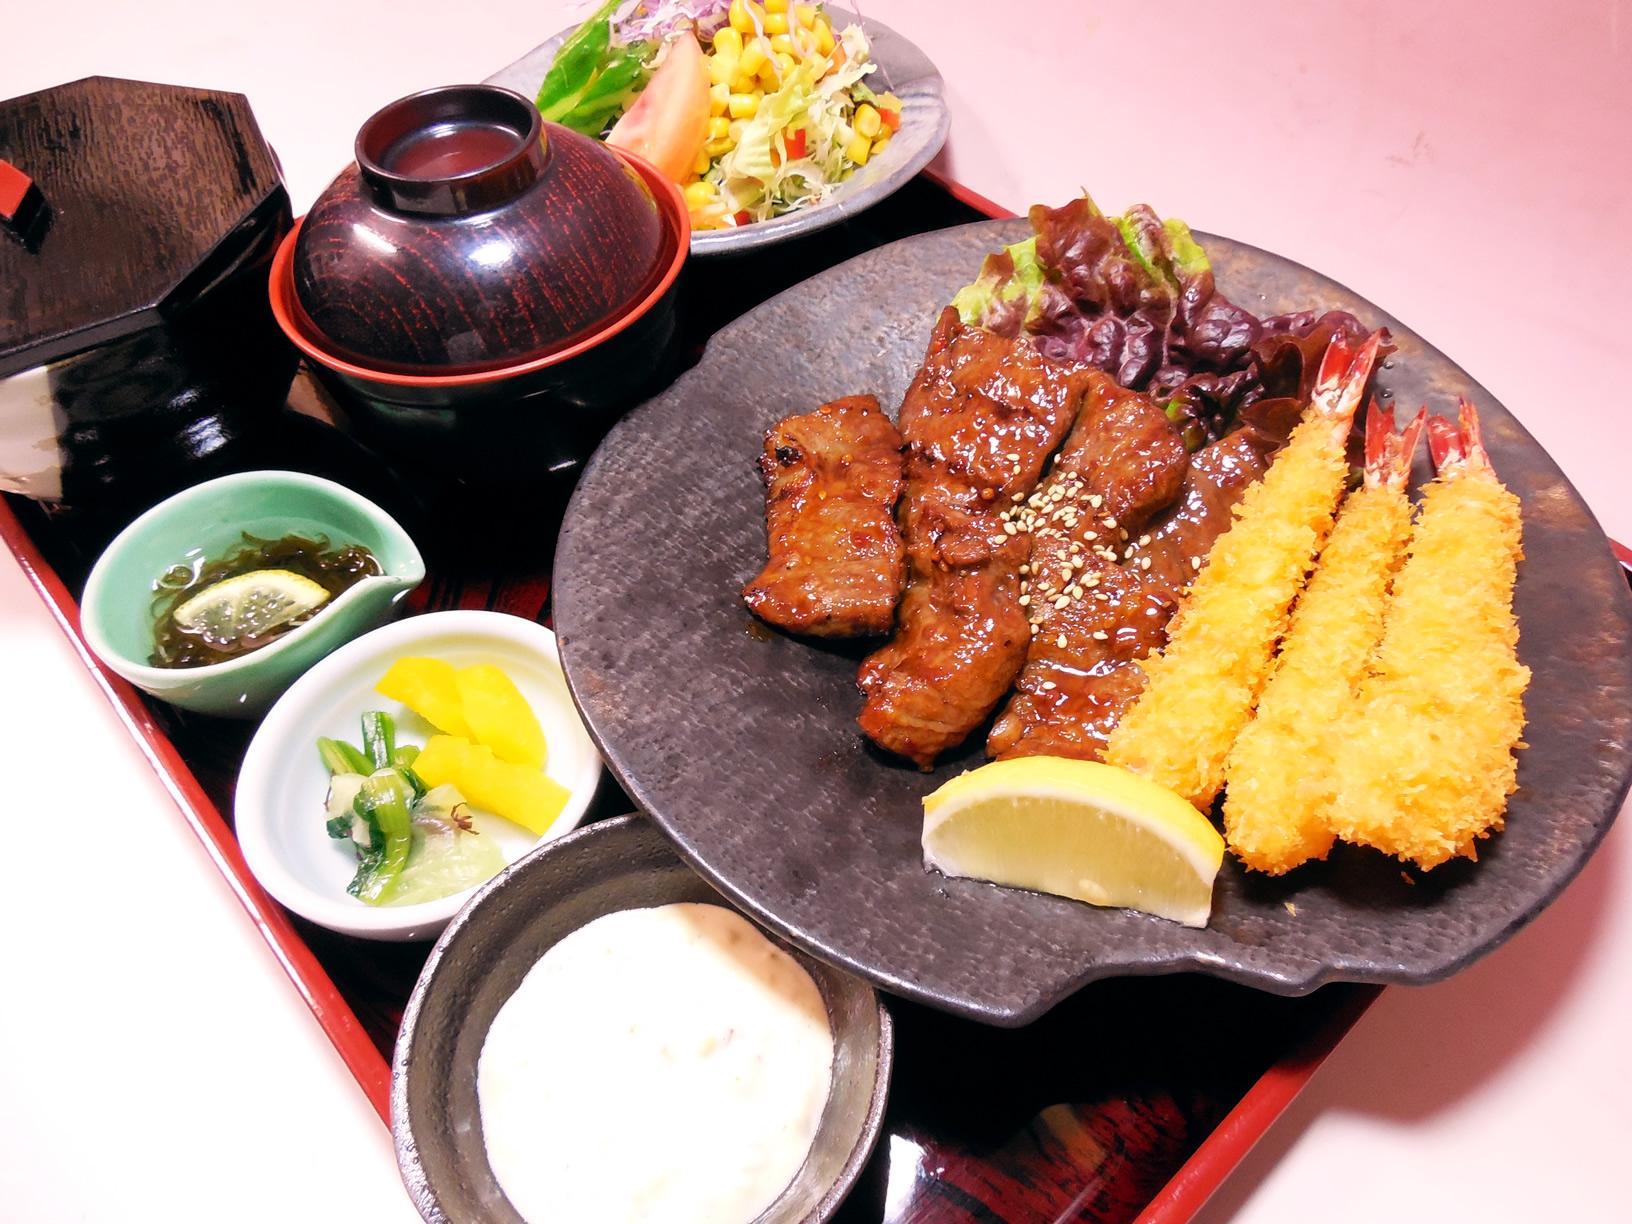 焼き肉海老フライ定食1,850円